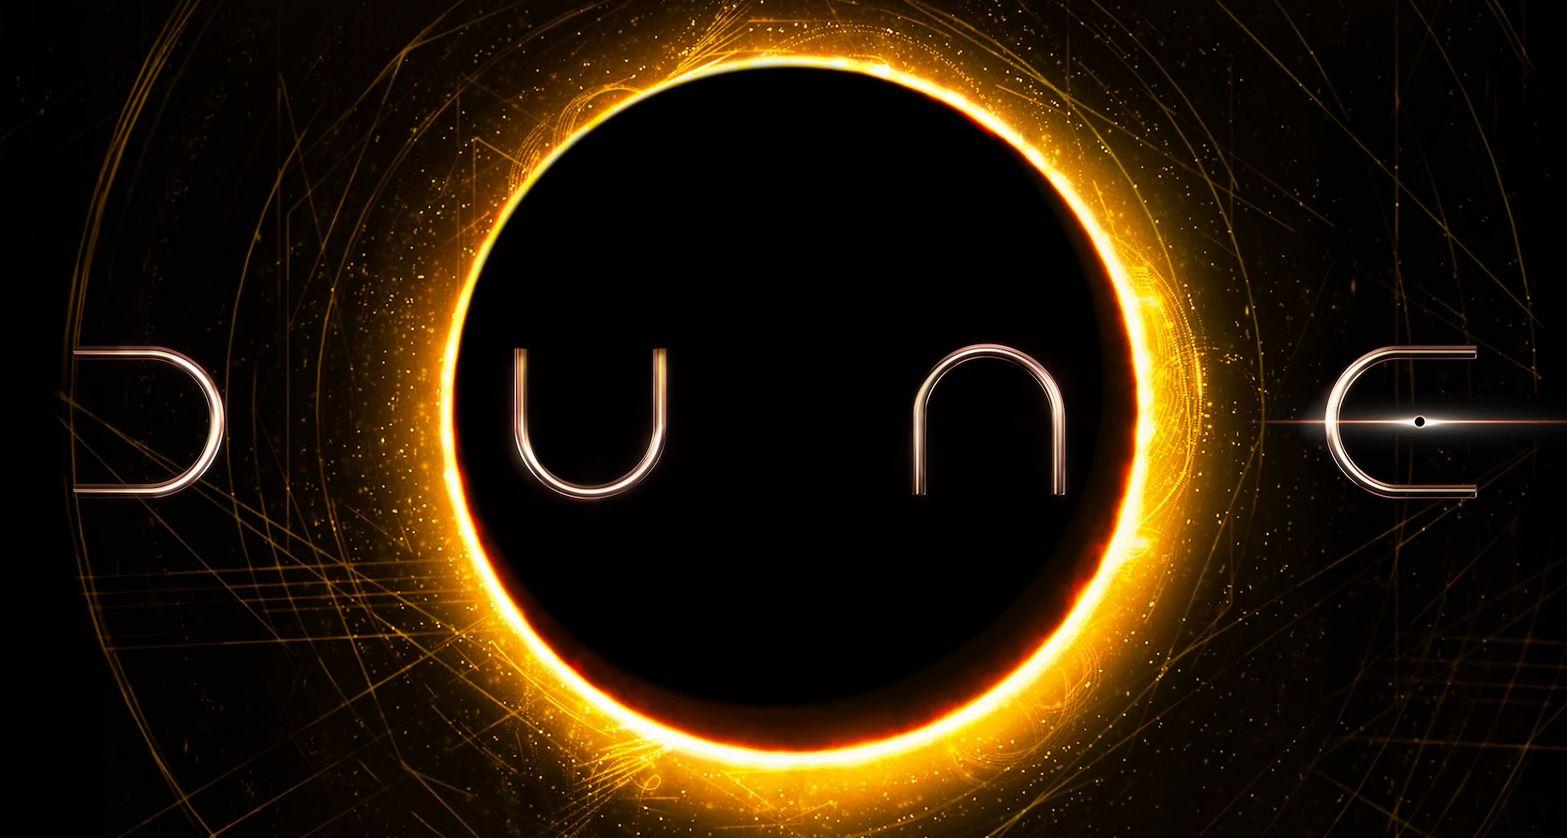 dune logo foto